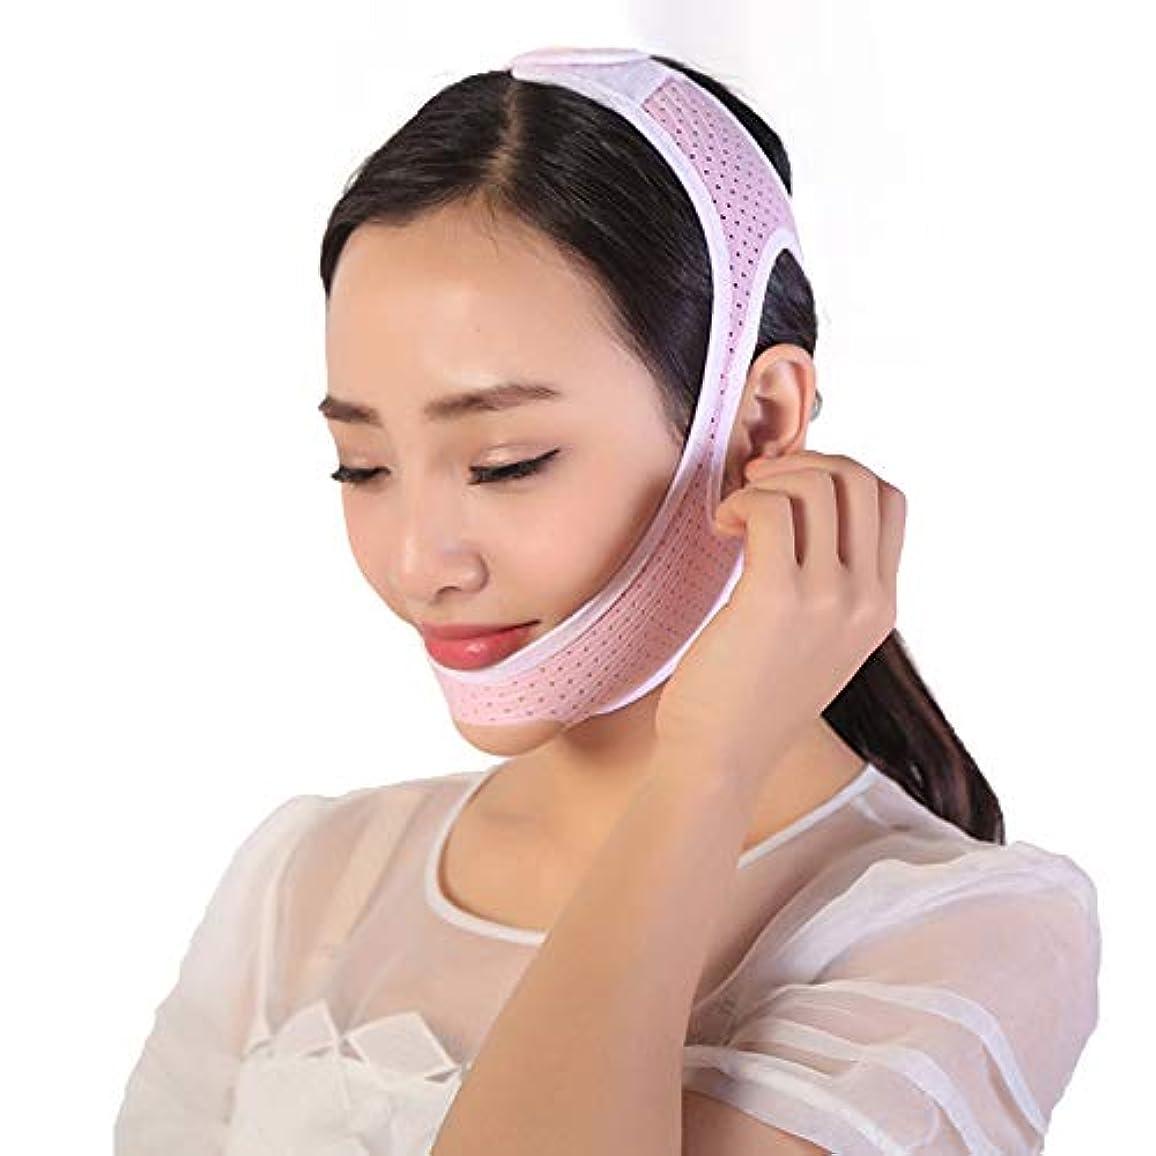 オーケストラ何でも休日にJia Jia- フェイシャルリフティングスリミングベルト - 薄型フェイス包帯ダブルチンデバイスフェイシャルマッサージアンチエイジングリンクルフェイスマスクベルト 顔面包帯 (サイズ さいず : L l)